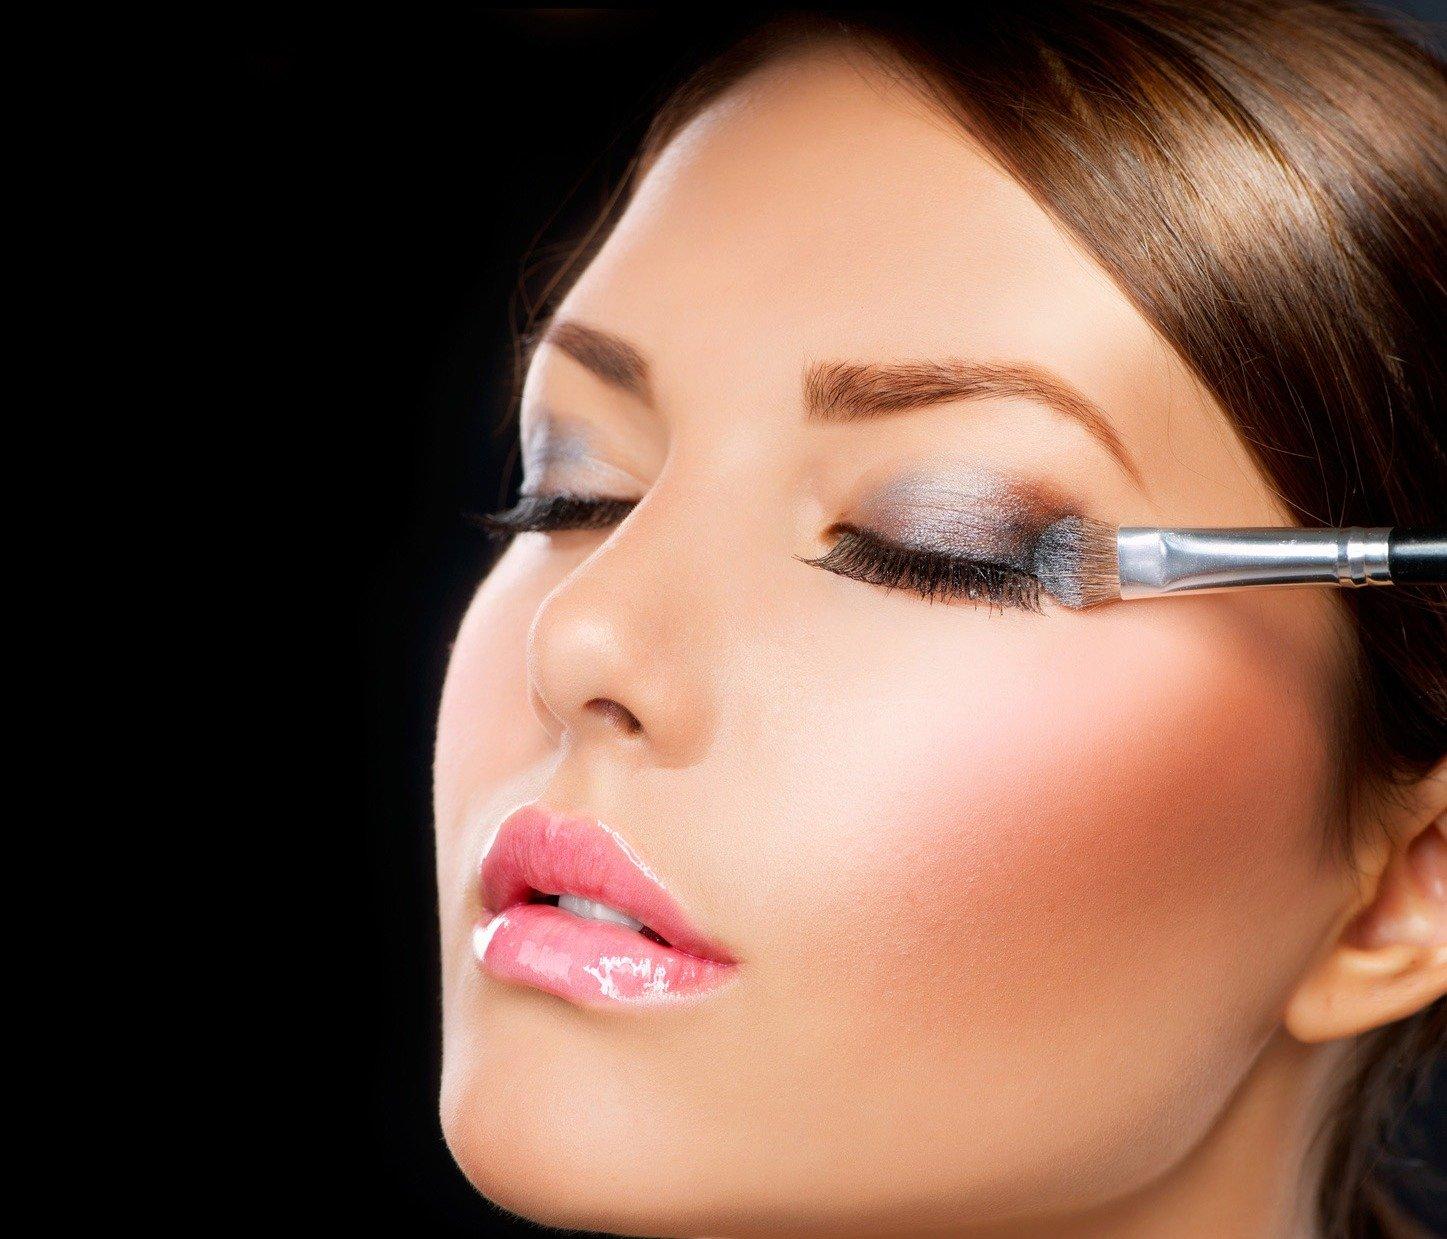 Картинки макияжа в фото